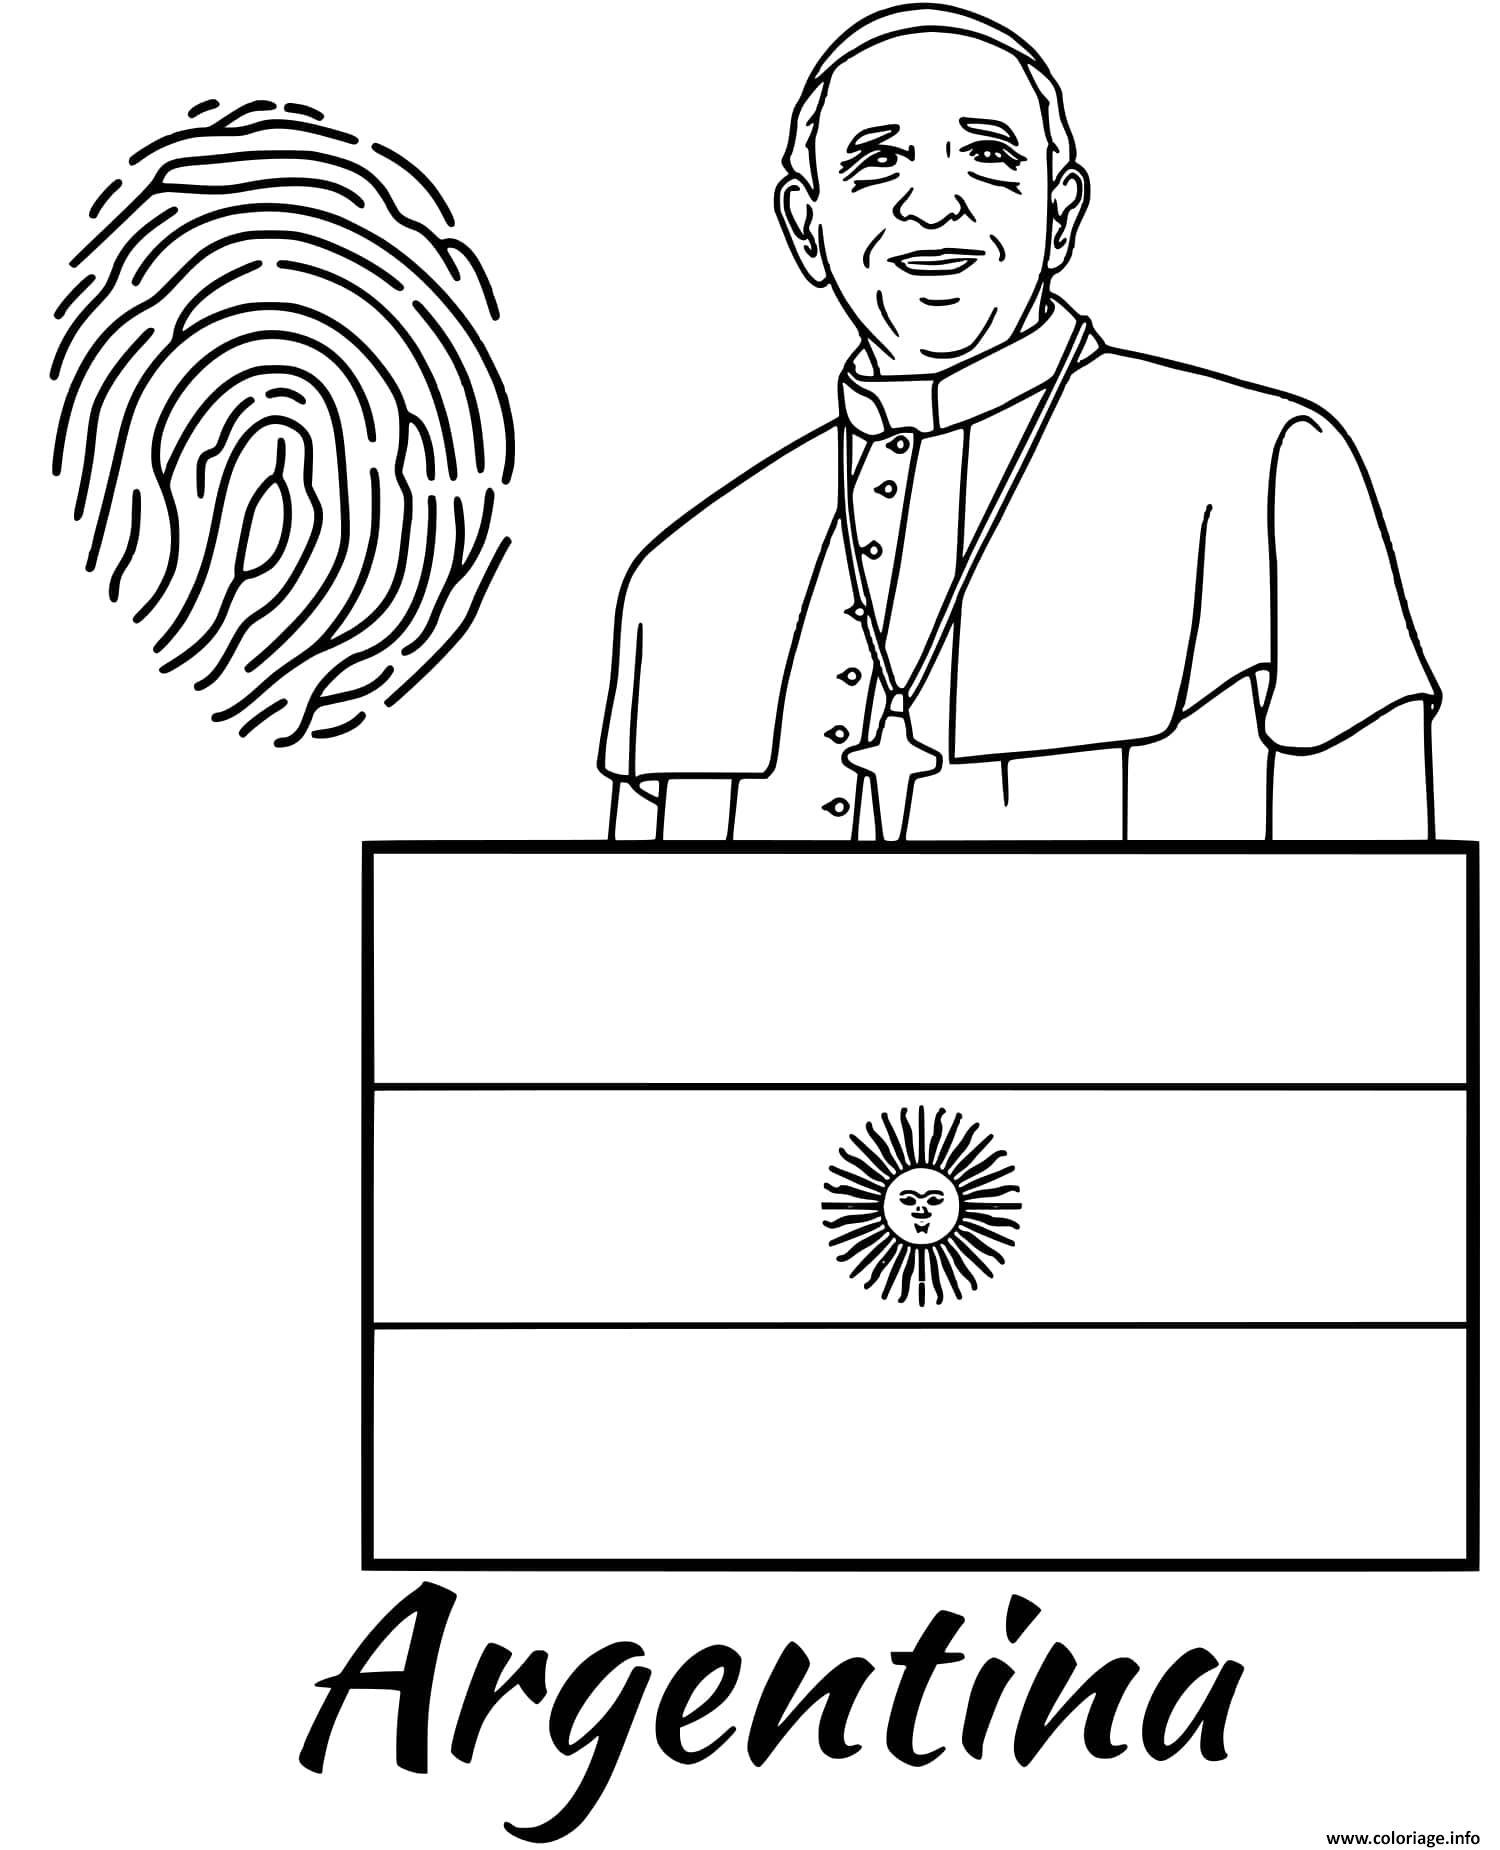 Coloriage argentine drapeau fingerprint - Drapeau argentine coloriage ...